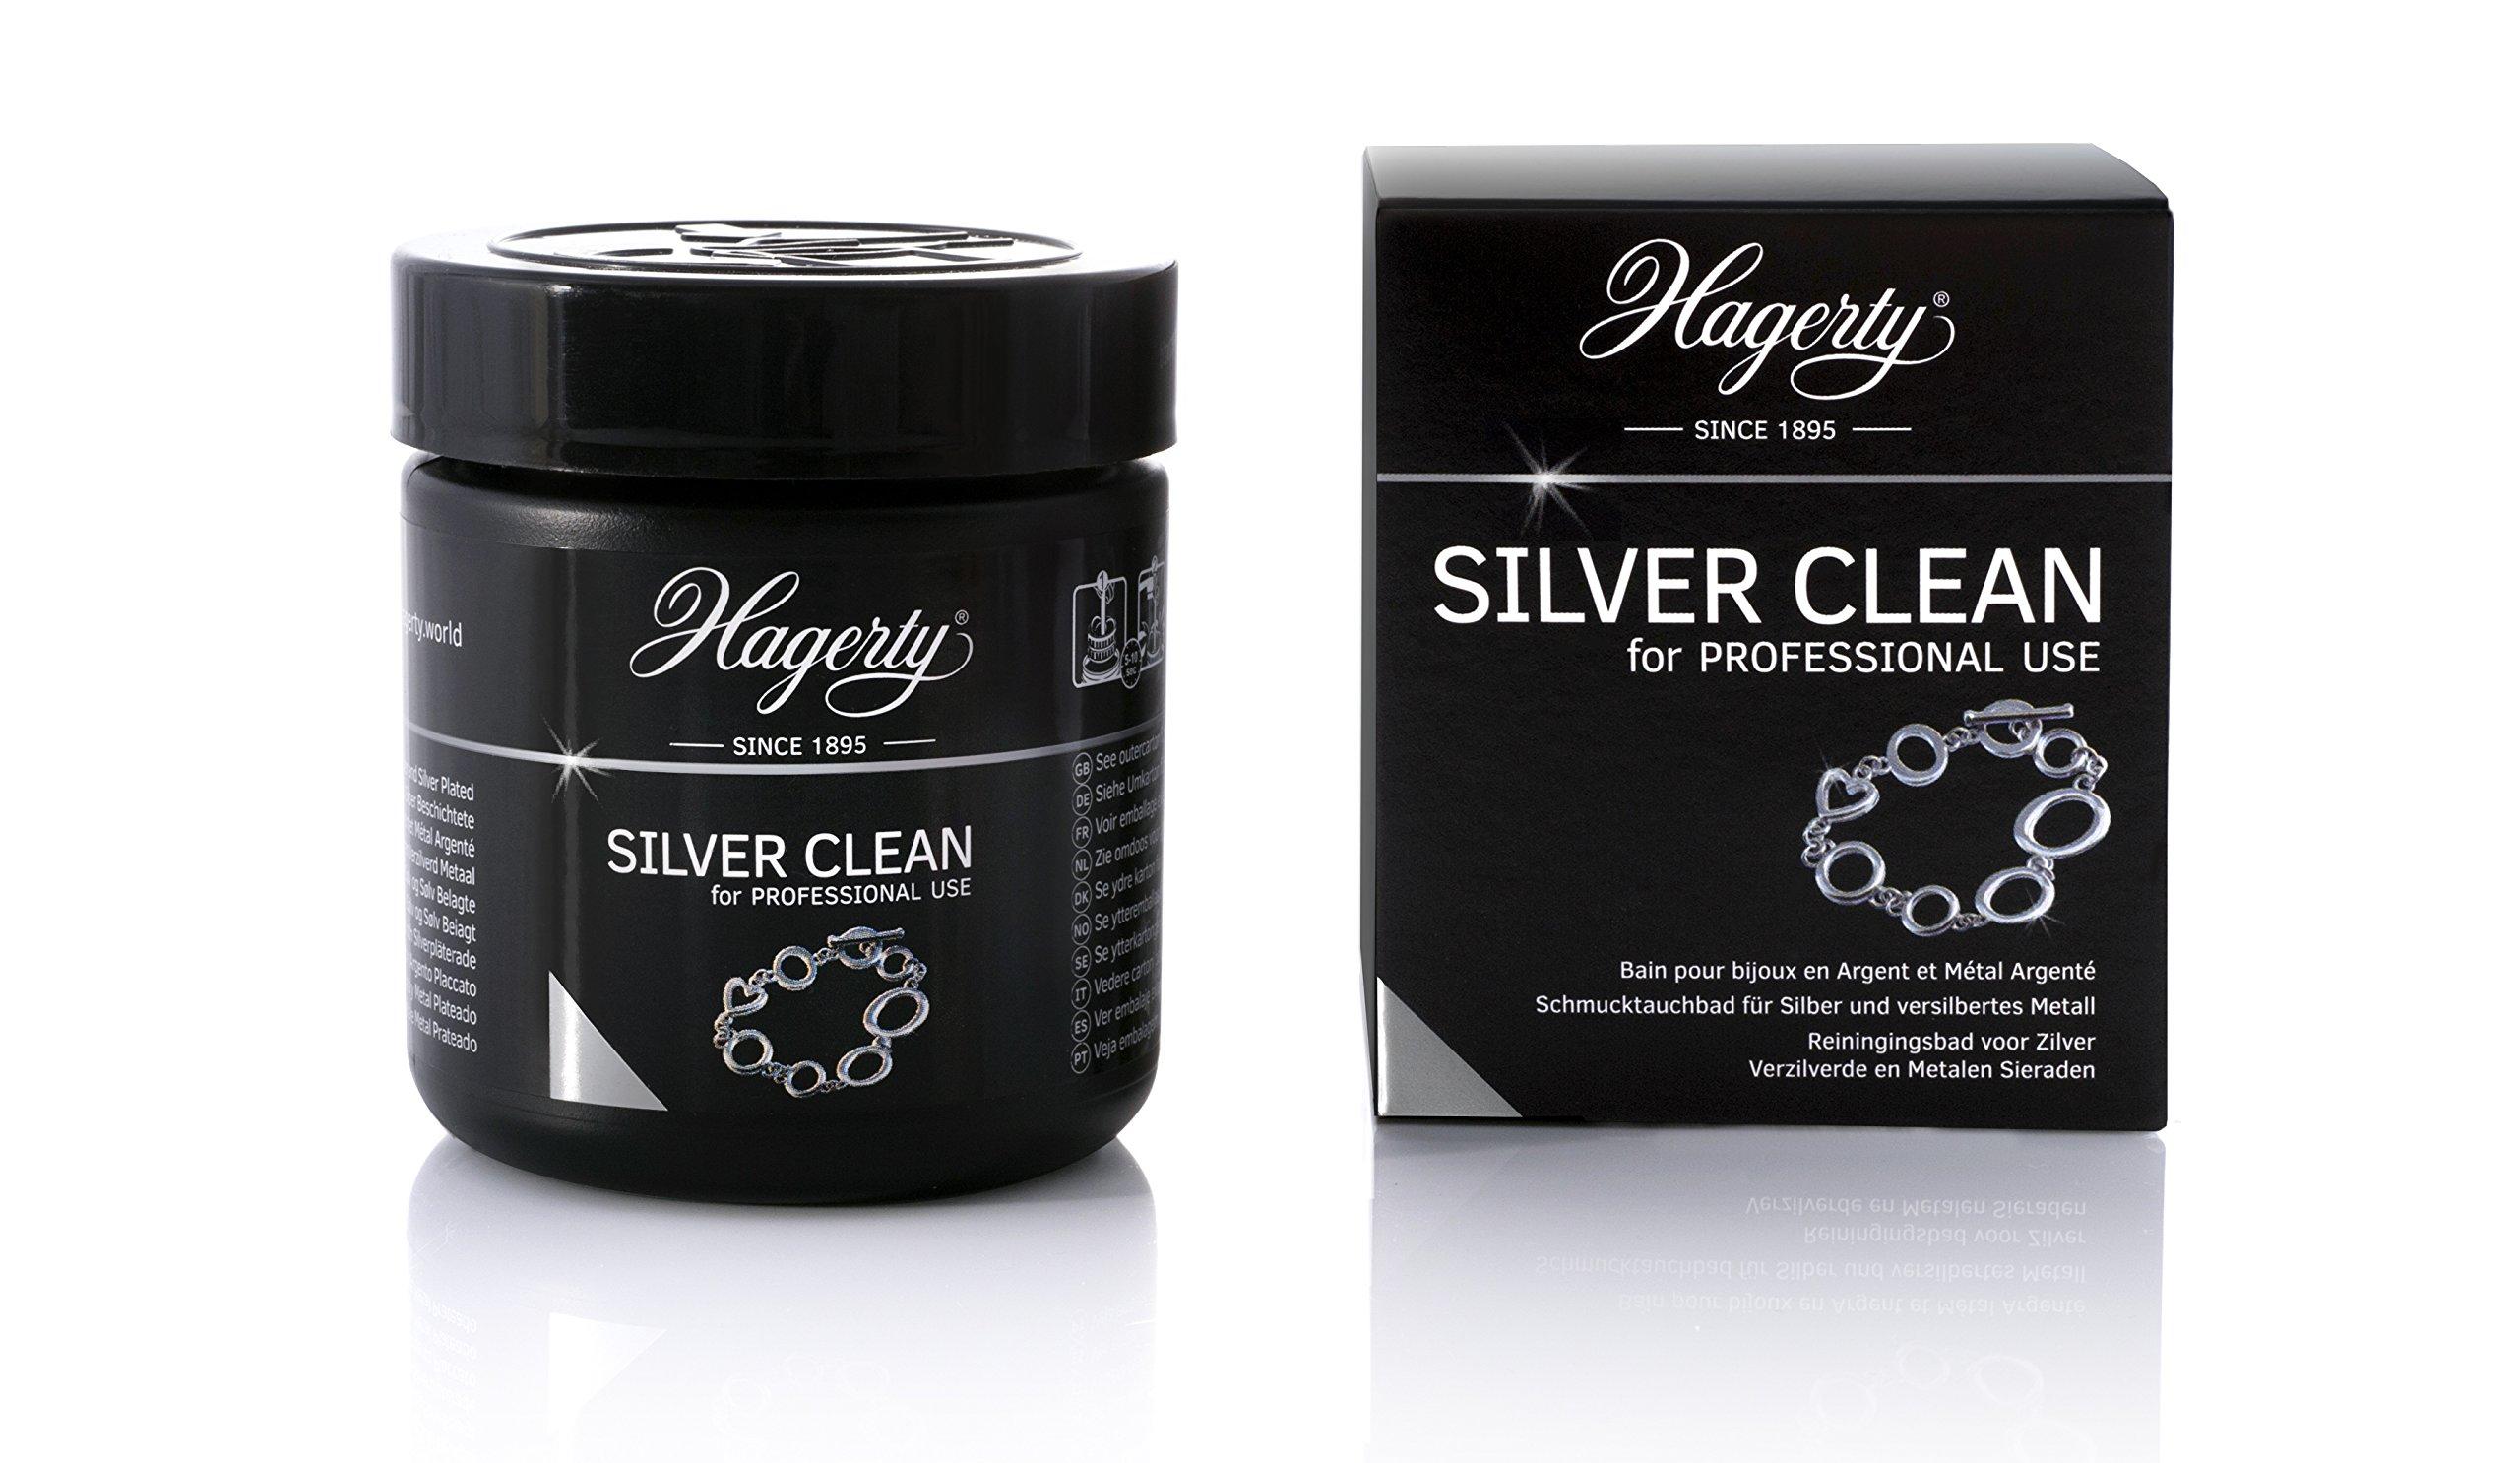 Hagerty Silver Clean Limpieza para el Hogar – 1 Unidad